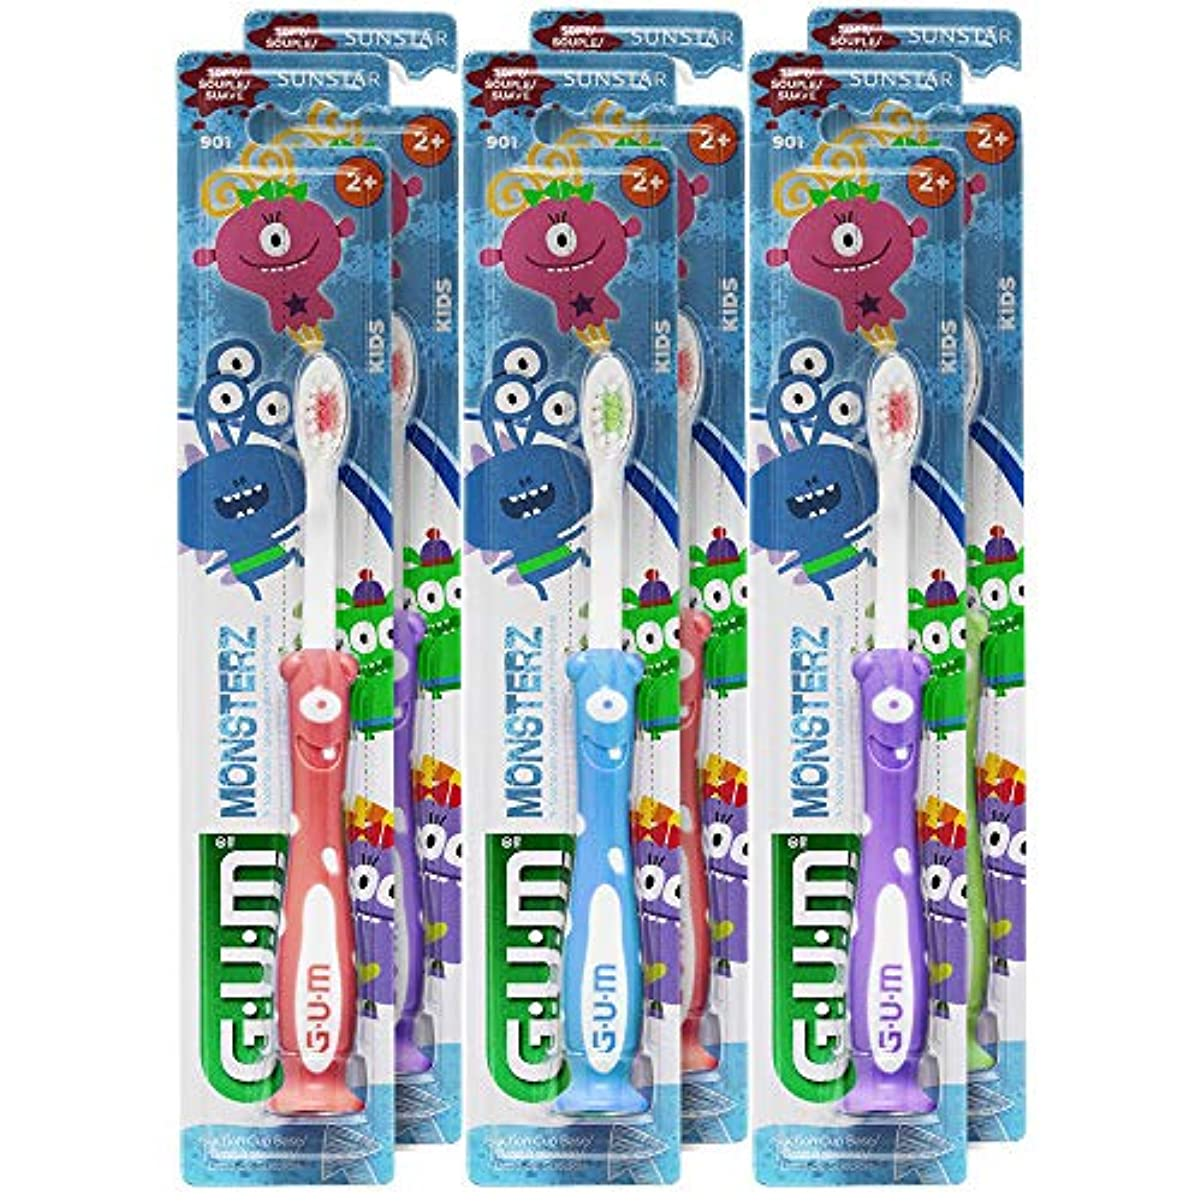 徒歩で最も早い外科医GUM Monsterzモンスターズキッズ/幼児歯ブラシ、子供2+、ソフト、(6パック)